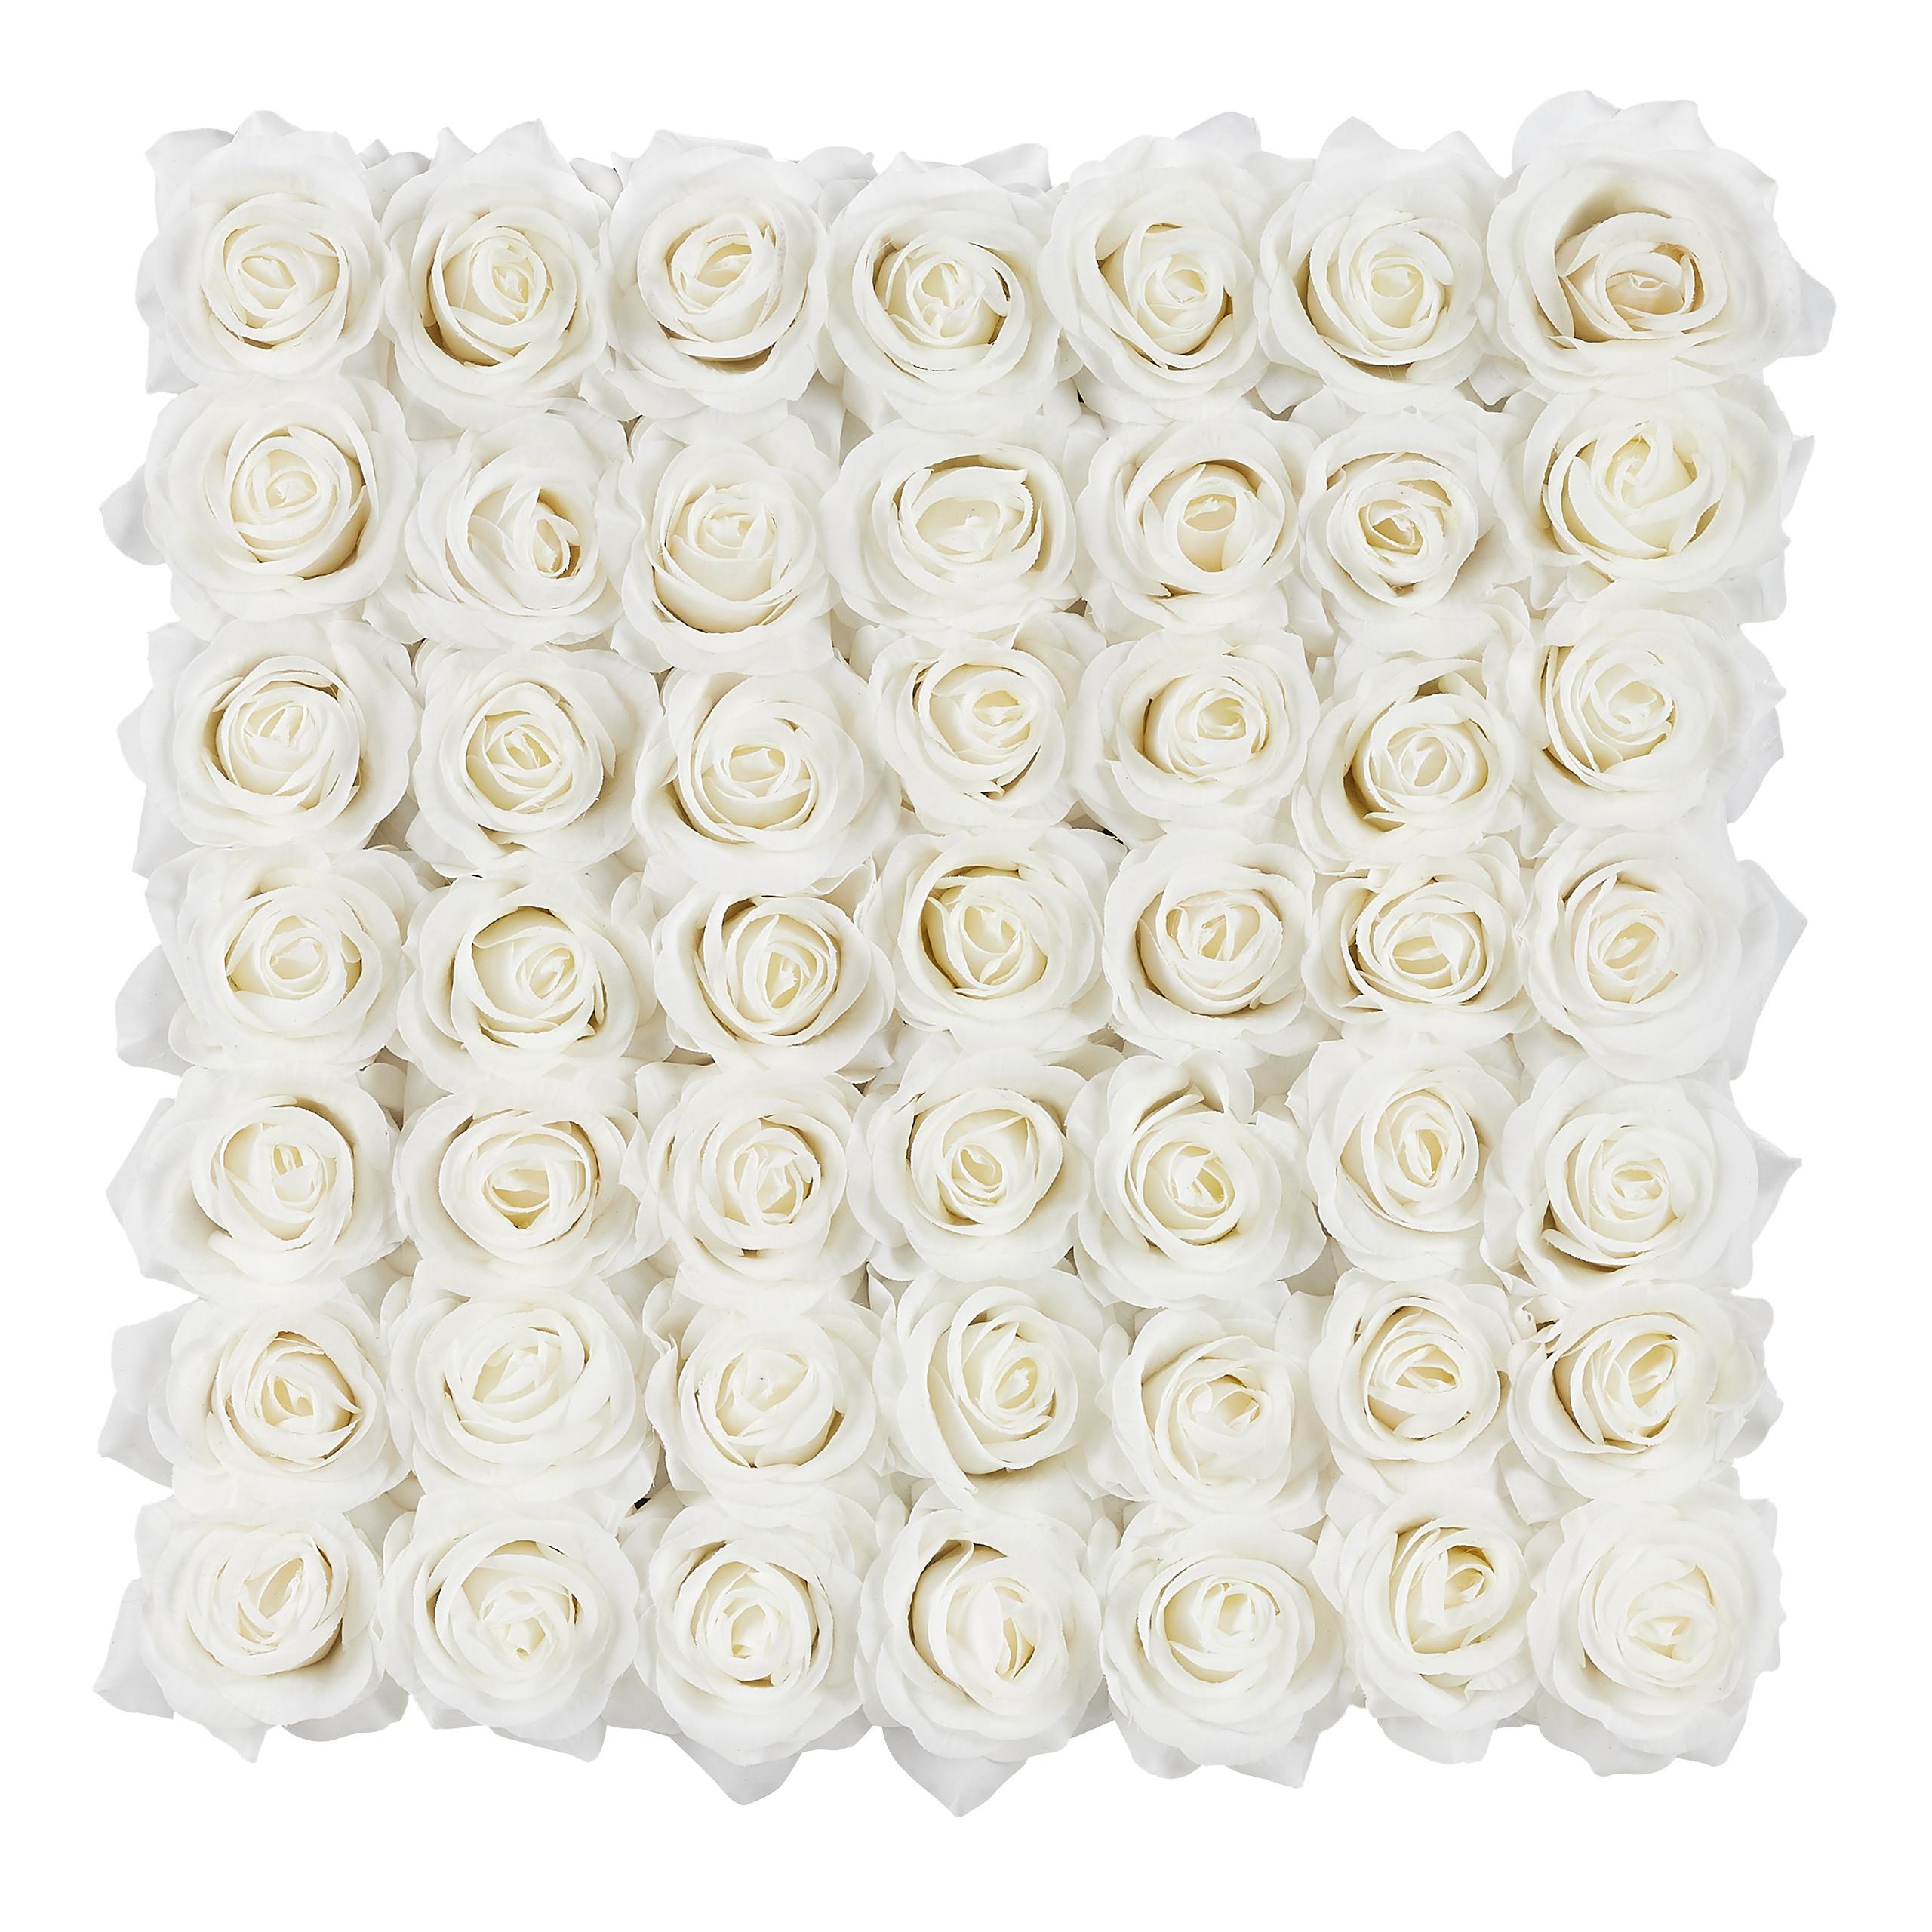 Rosenbox-Flowerbox-Ewige-Rosen-Blumenbox-49-Kunstblumen-eckig-Deko-Valentinstag Indexbild 19